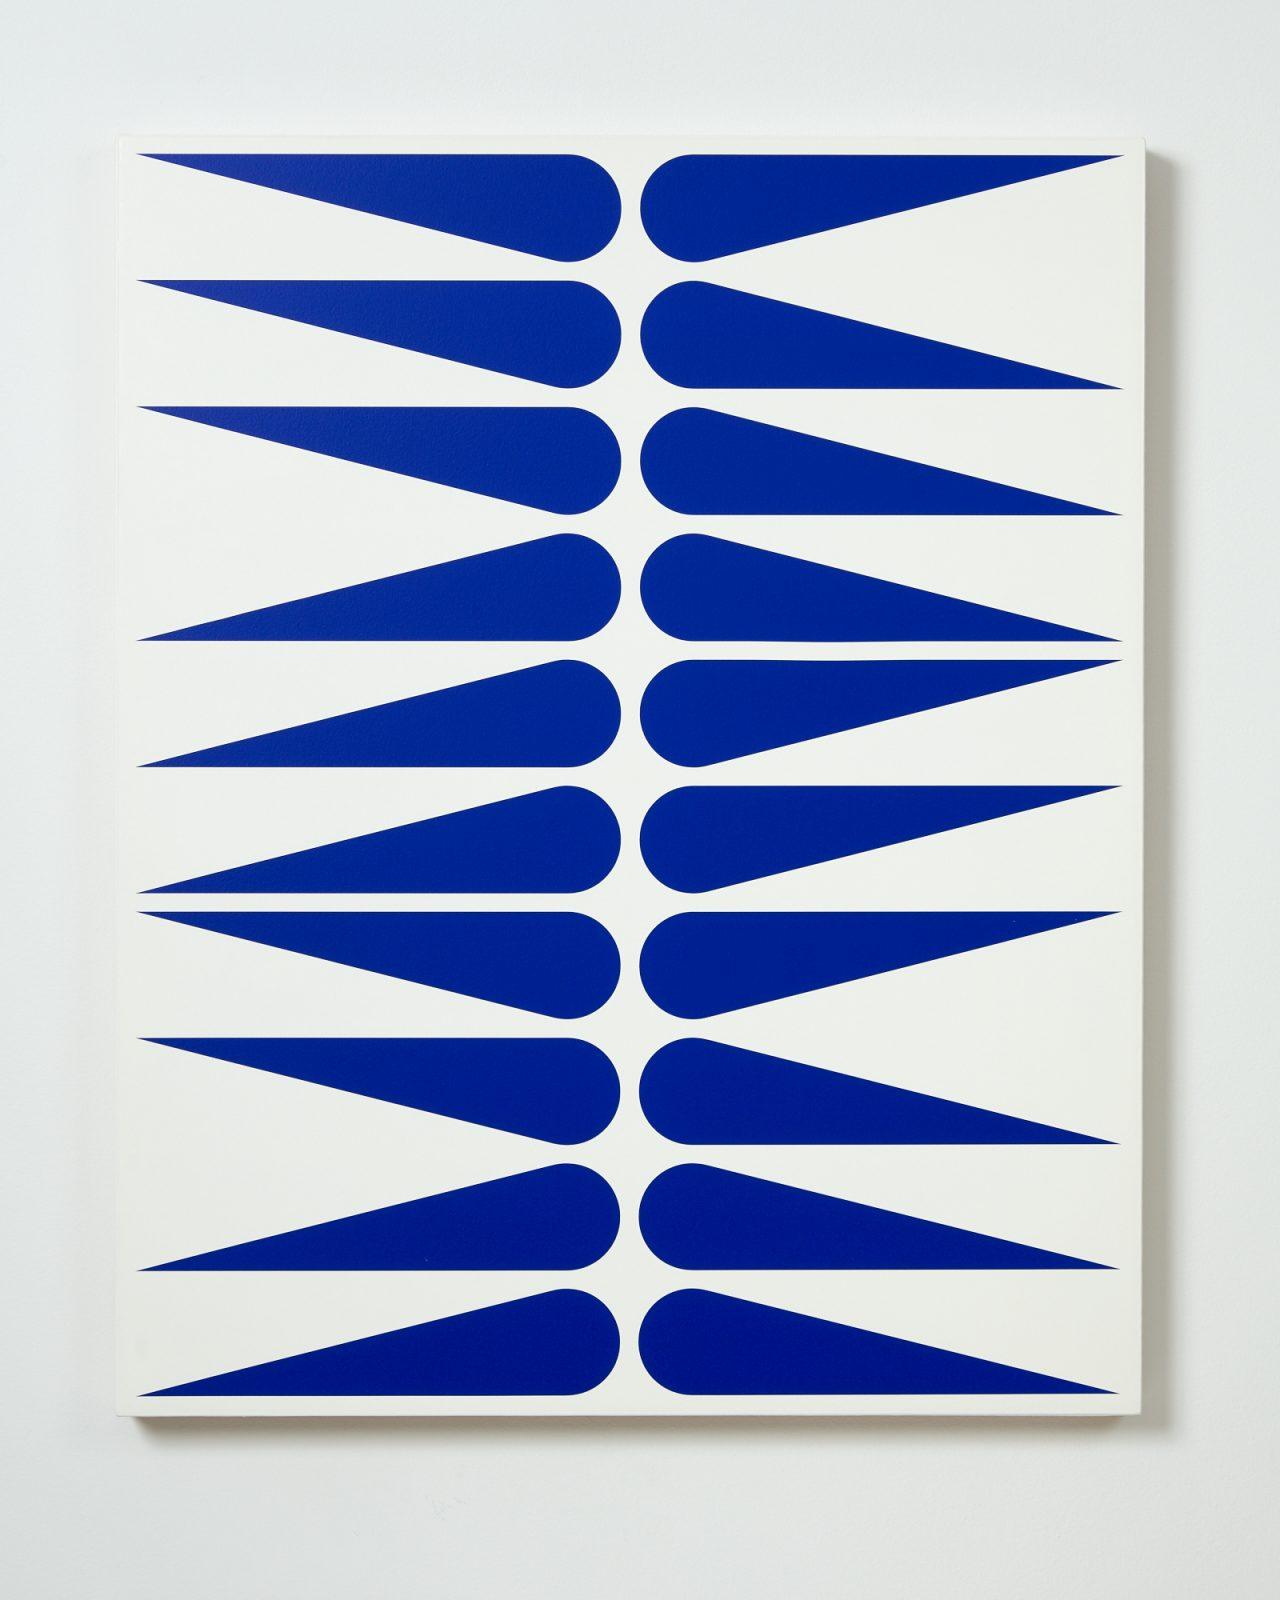 Jan van der Ploeg featured artwork